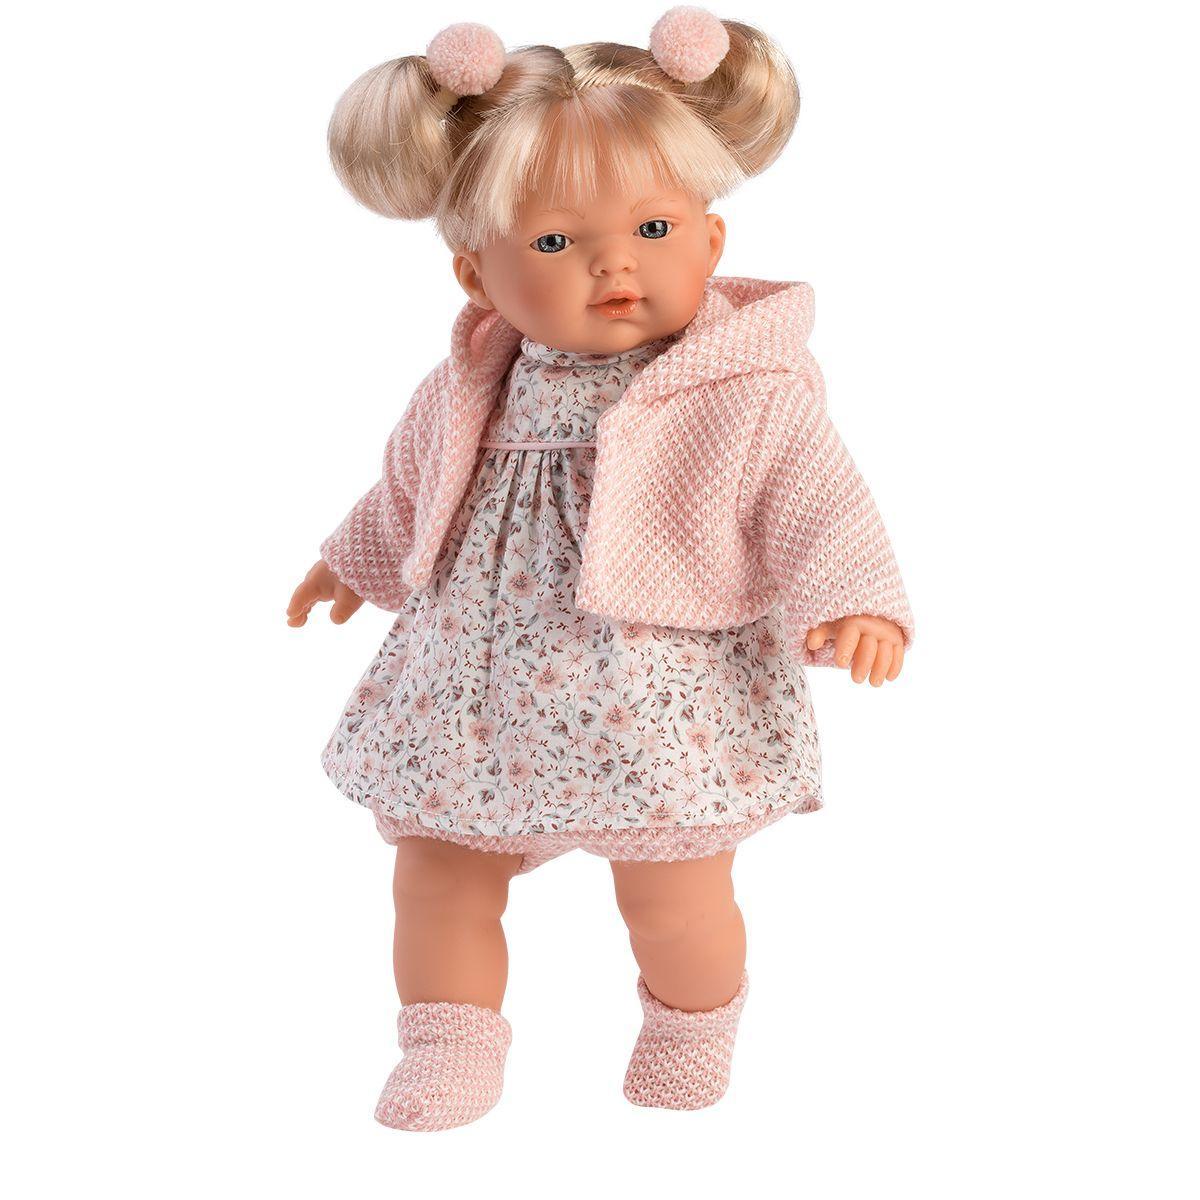 Интерактивная плачущая кукла,33 см, Роберта, Llorens 33118